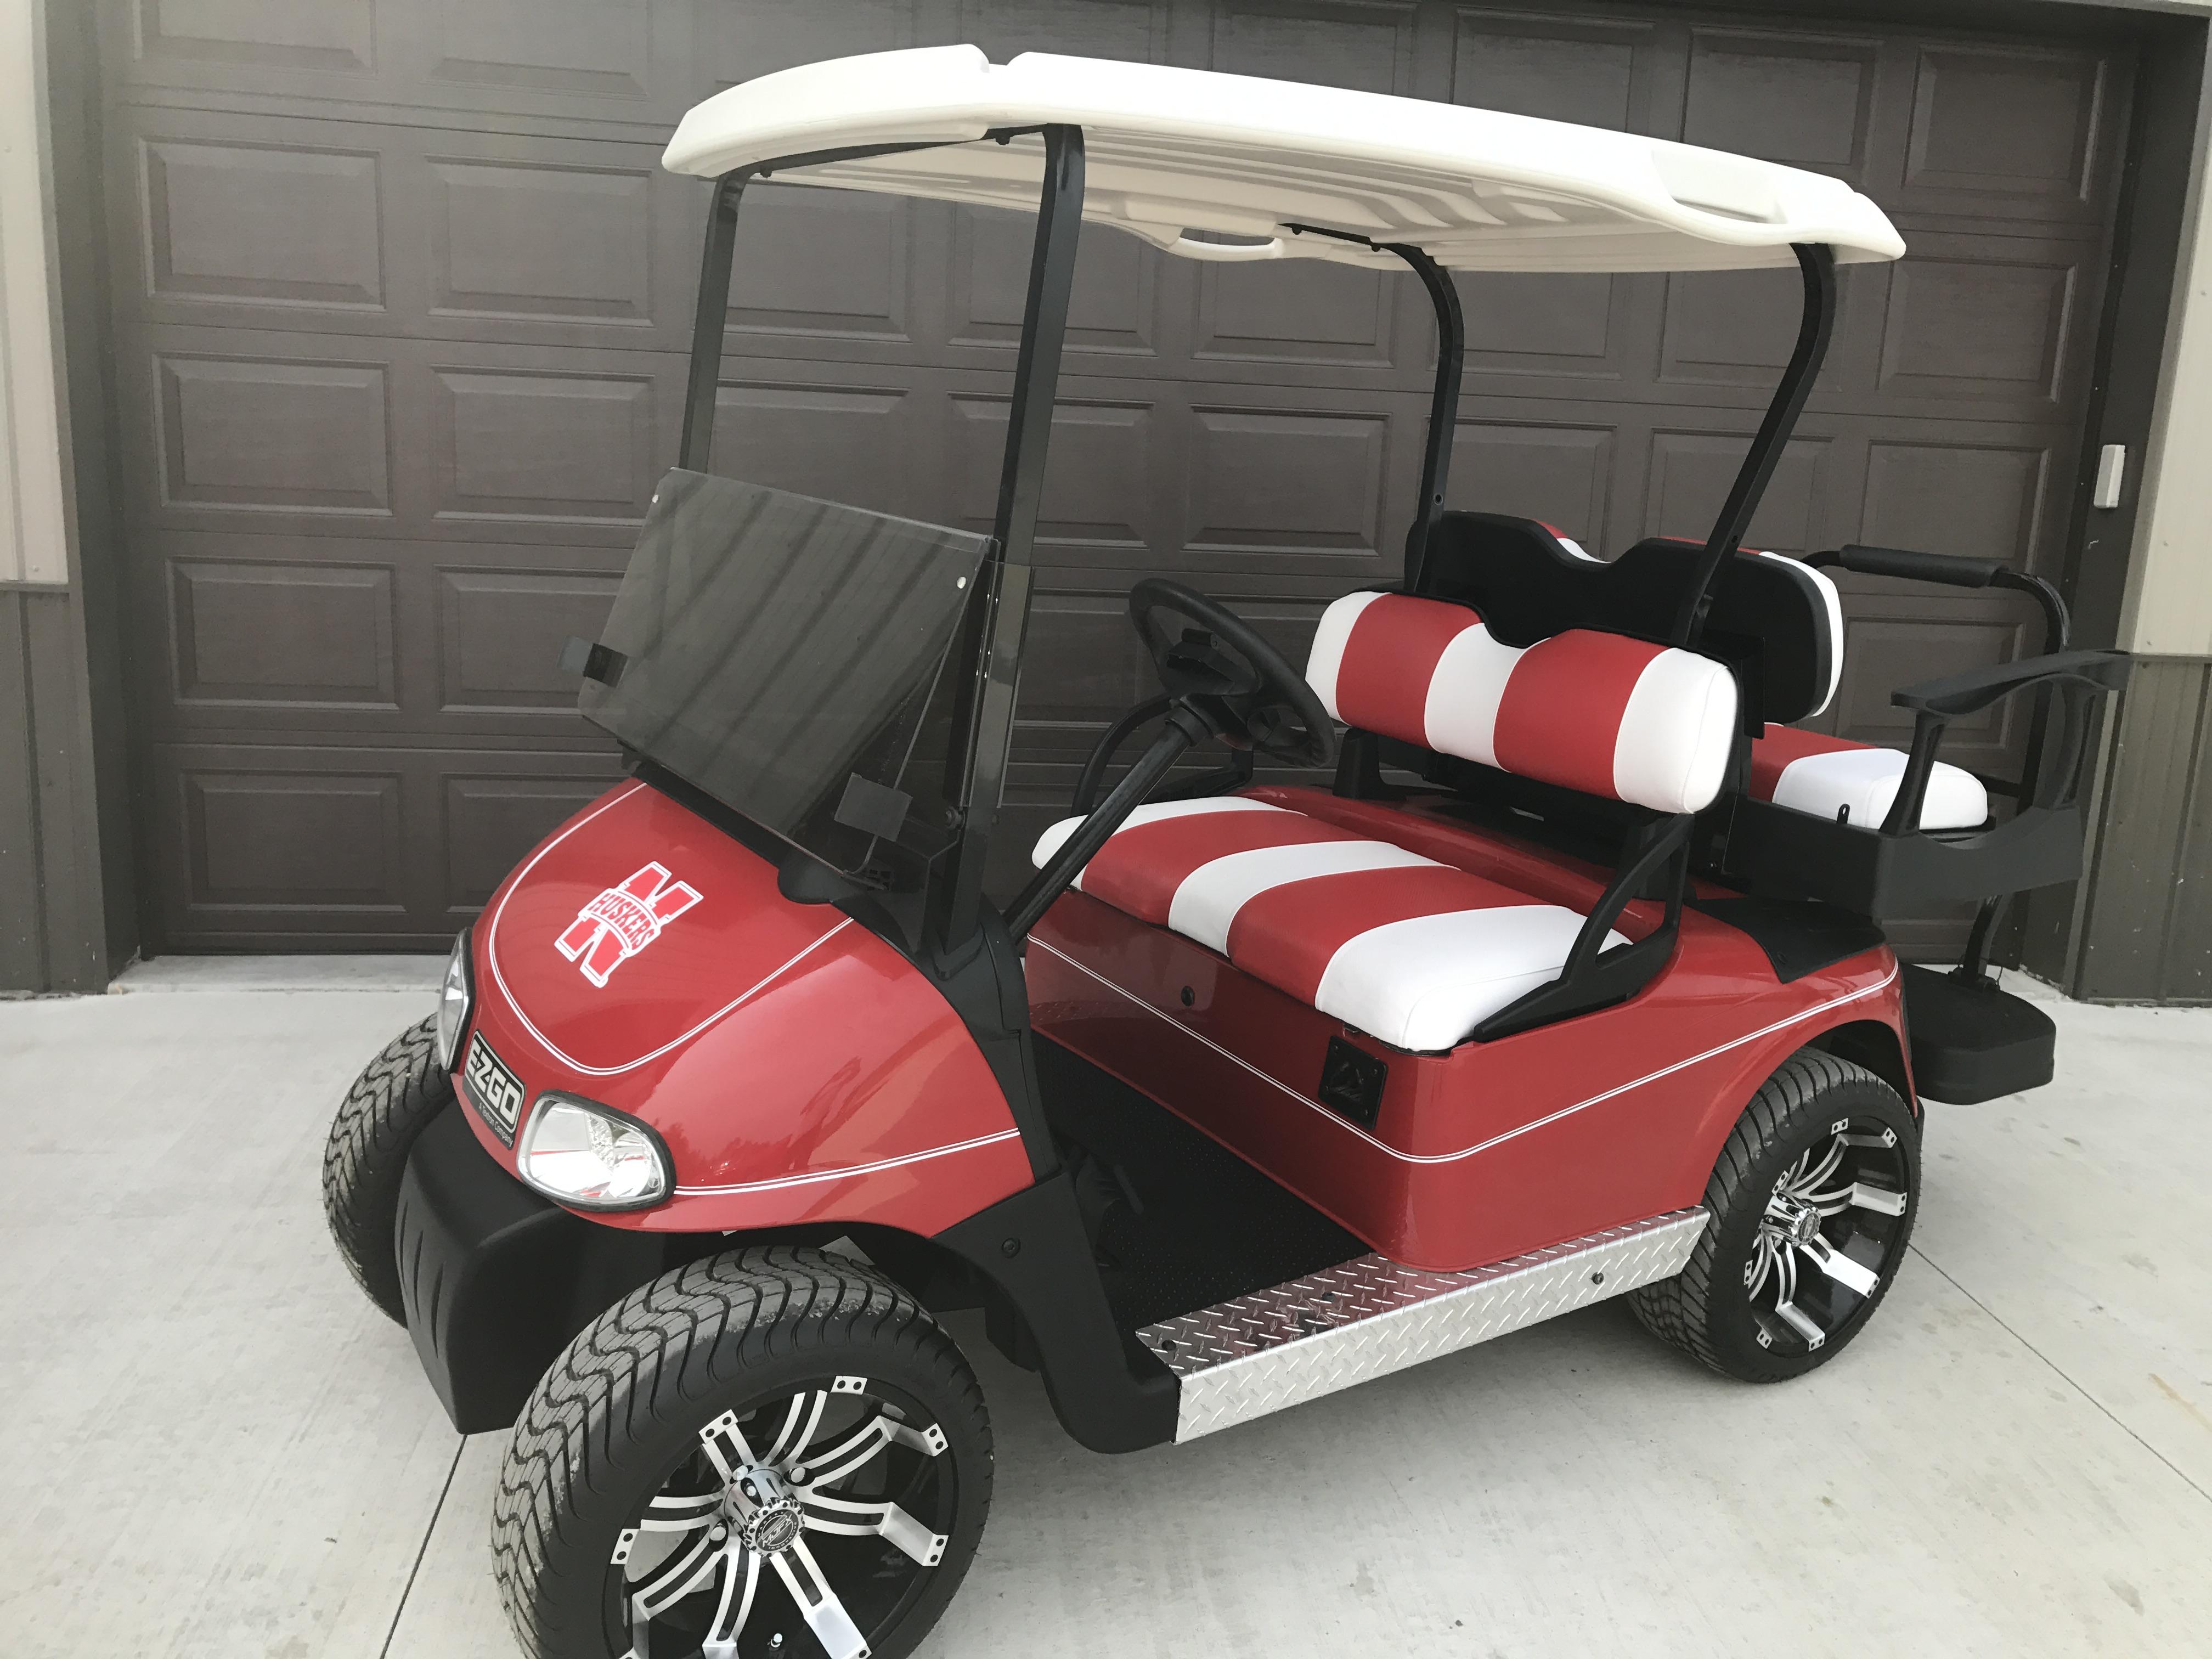 RXV Nebraska red 4